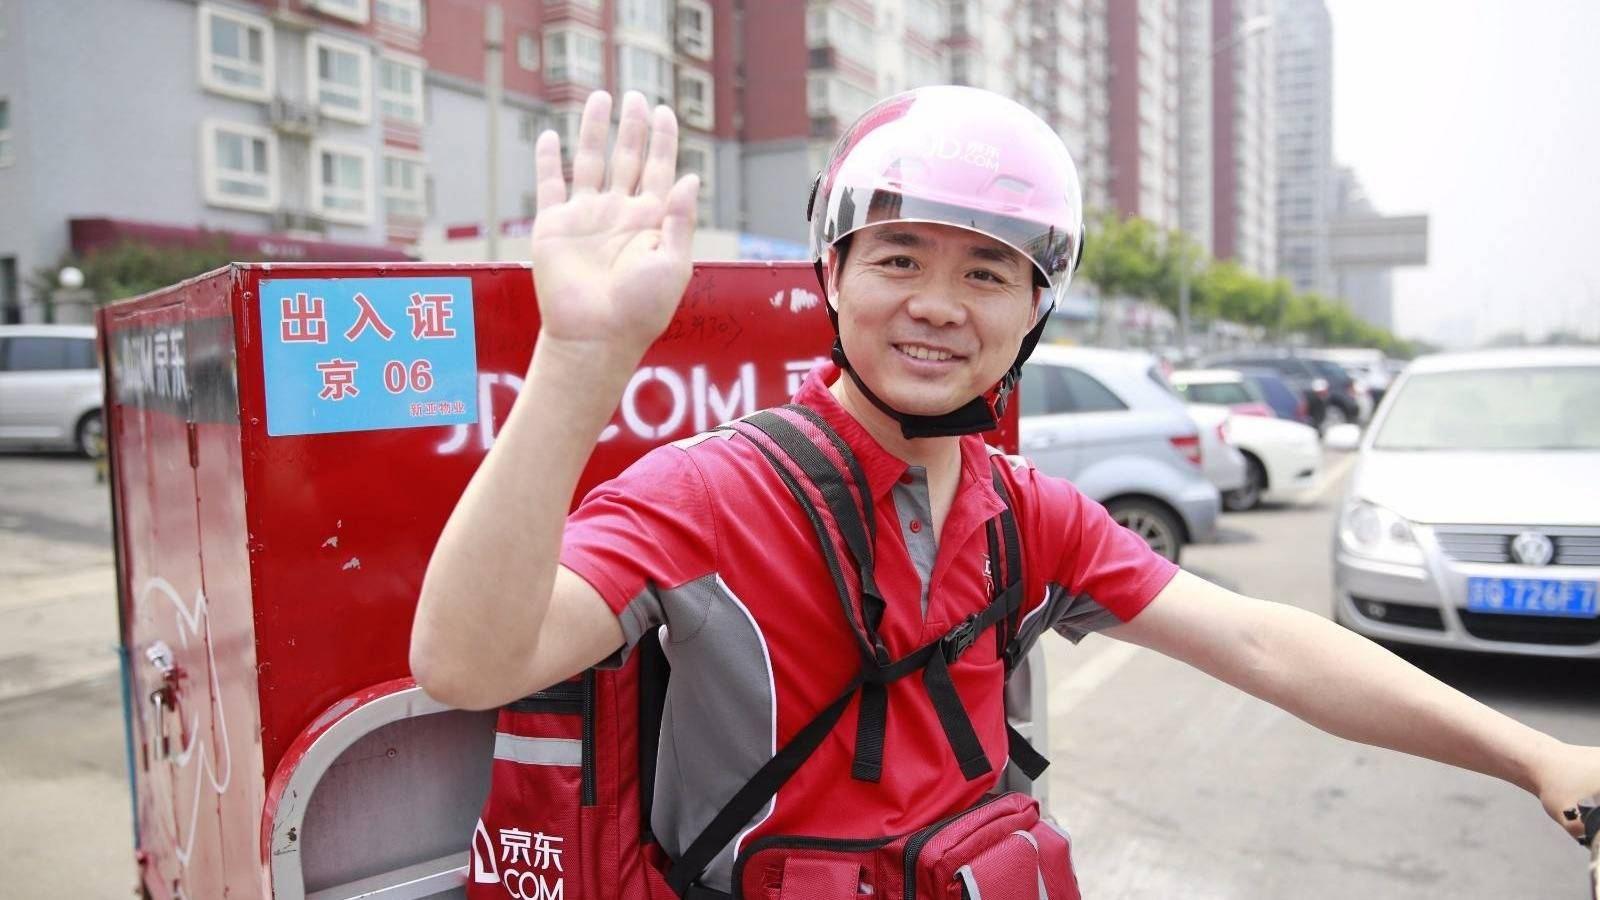 今天可能是刘强东过去一年来最昂扬的一天